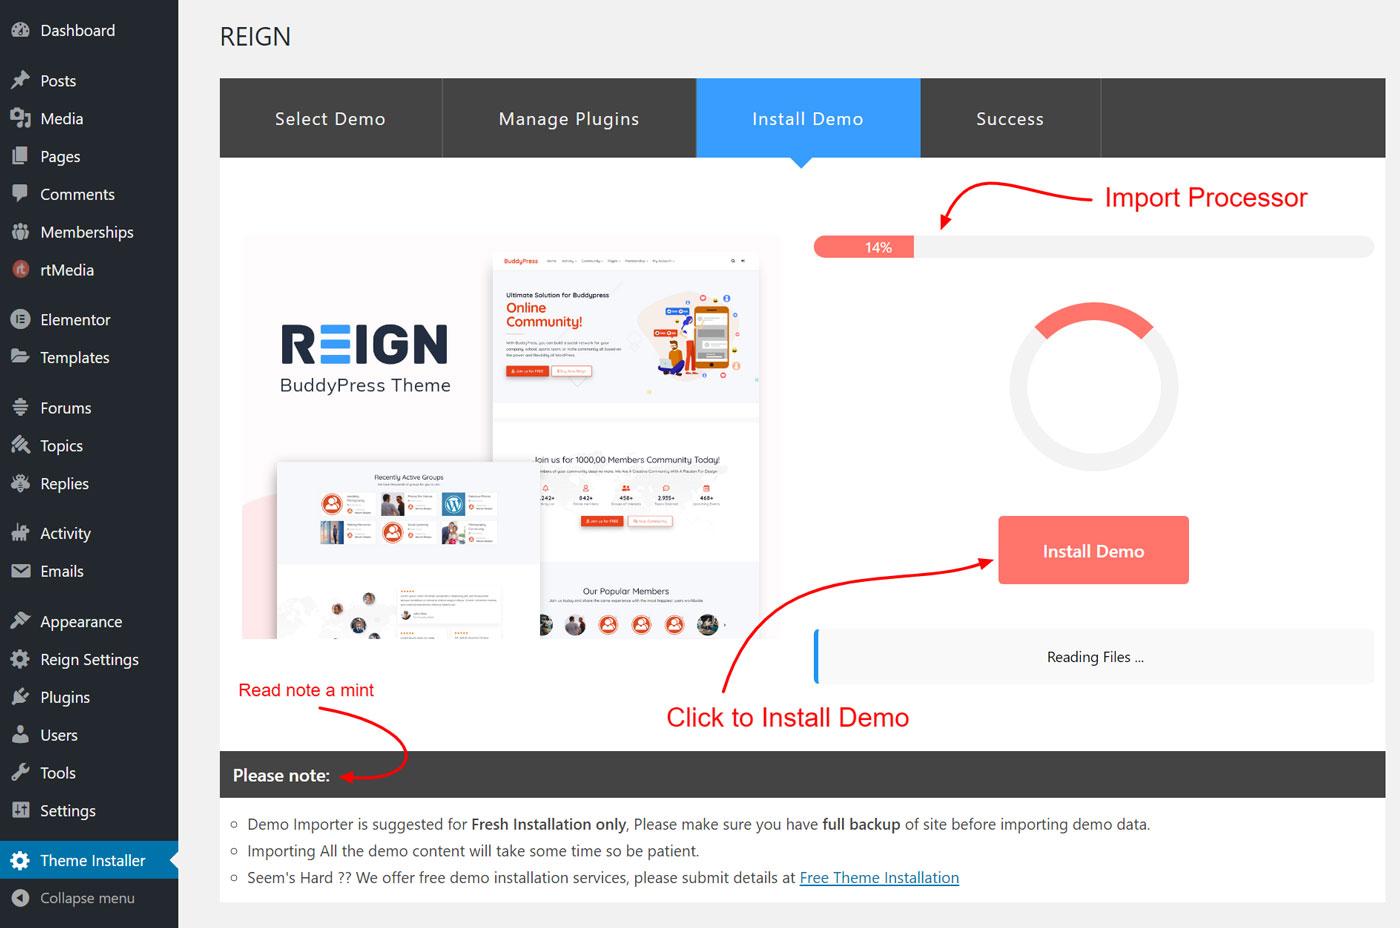 demo installer install button - Wbcom Designs